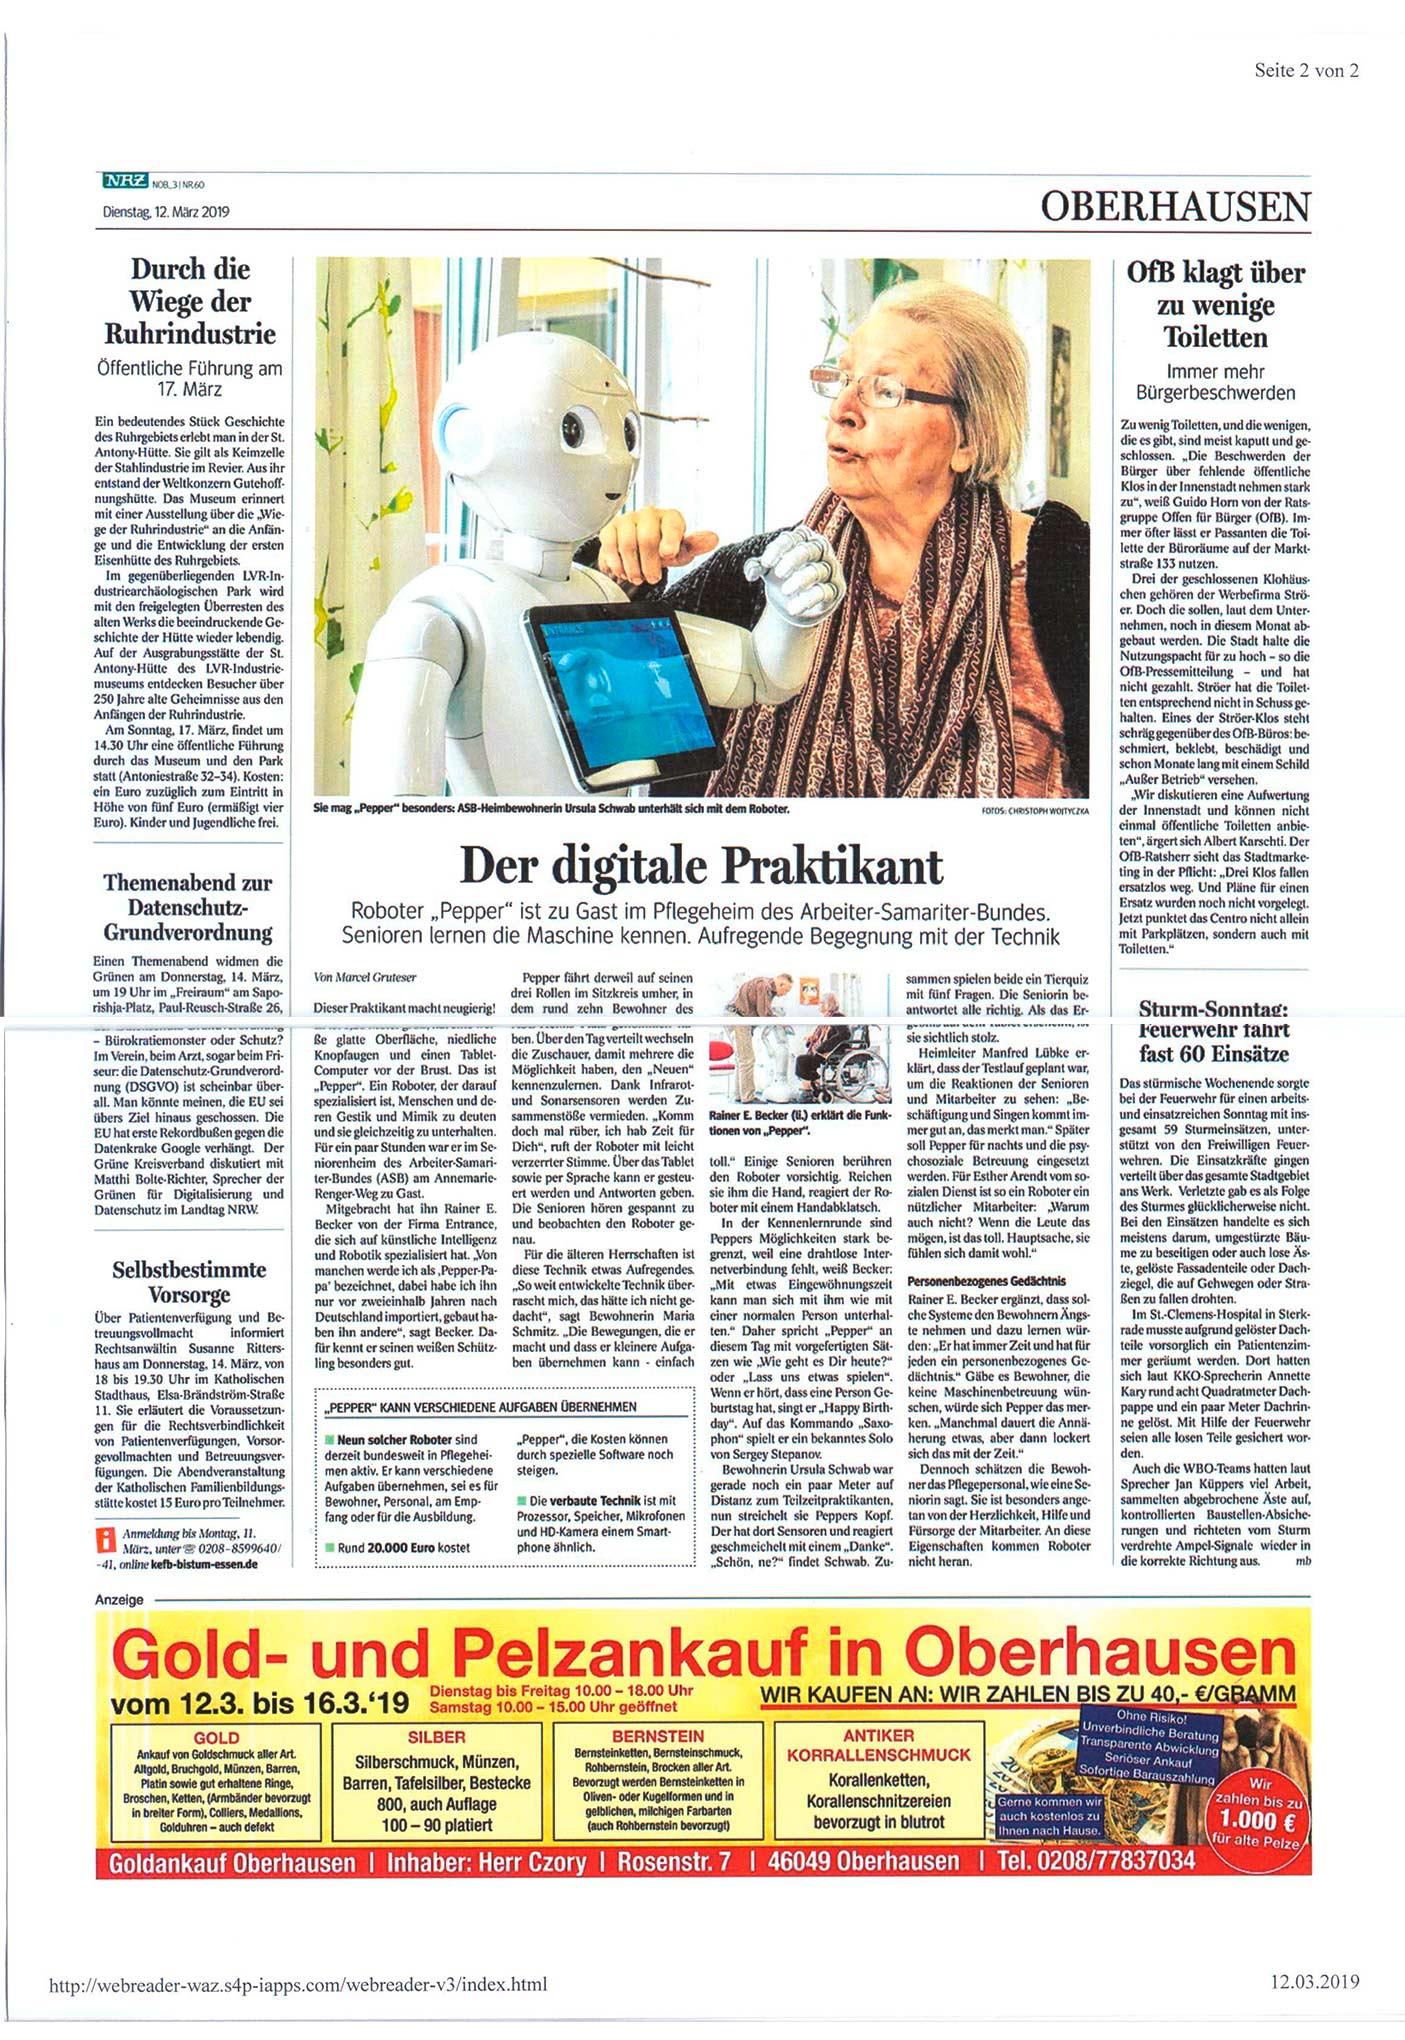 Der digitale Patient im Demenzhaus ASB Oberhausen